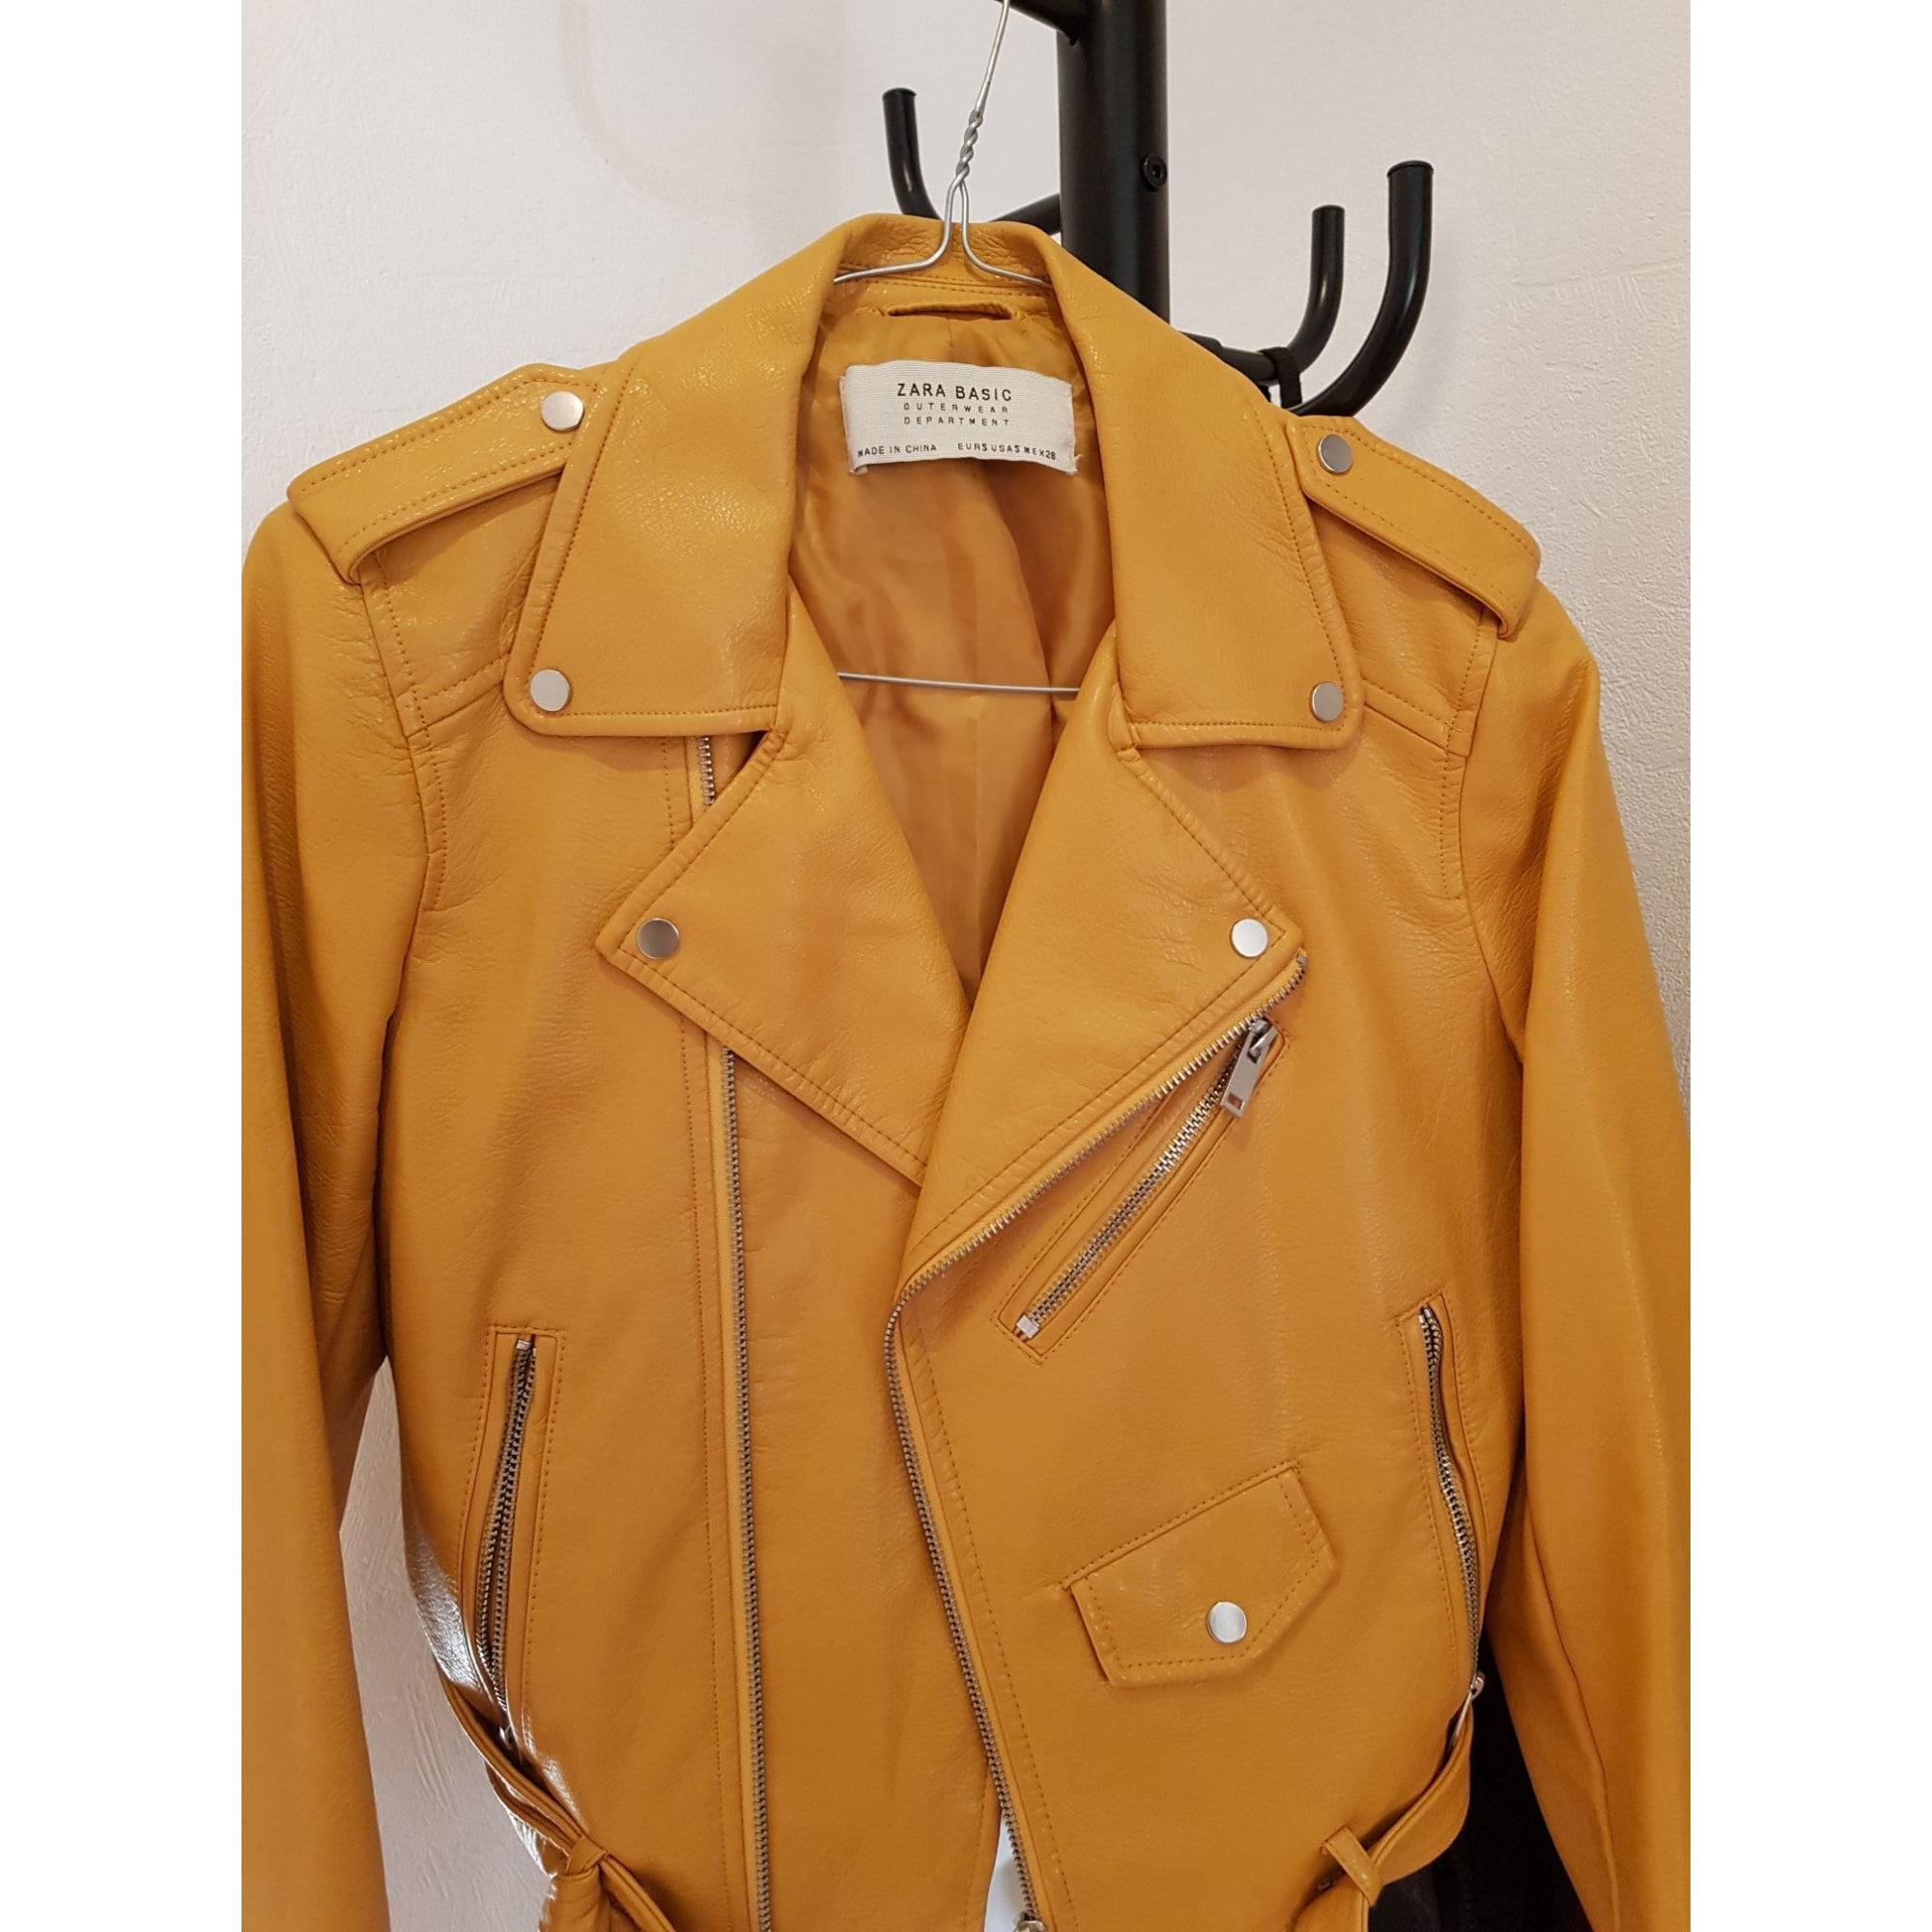 Zara basic veste cuir jaune